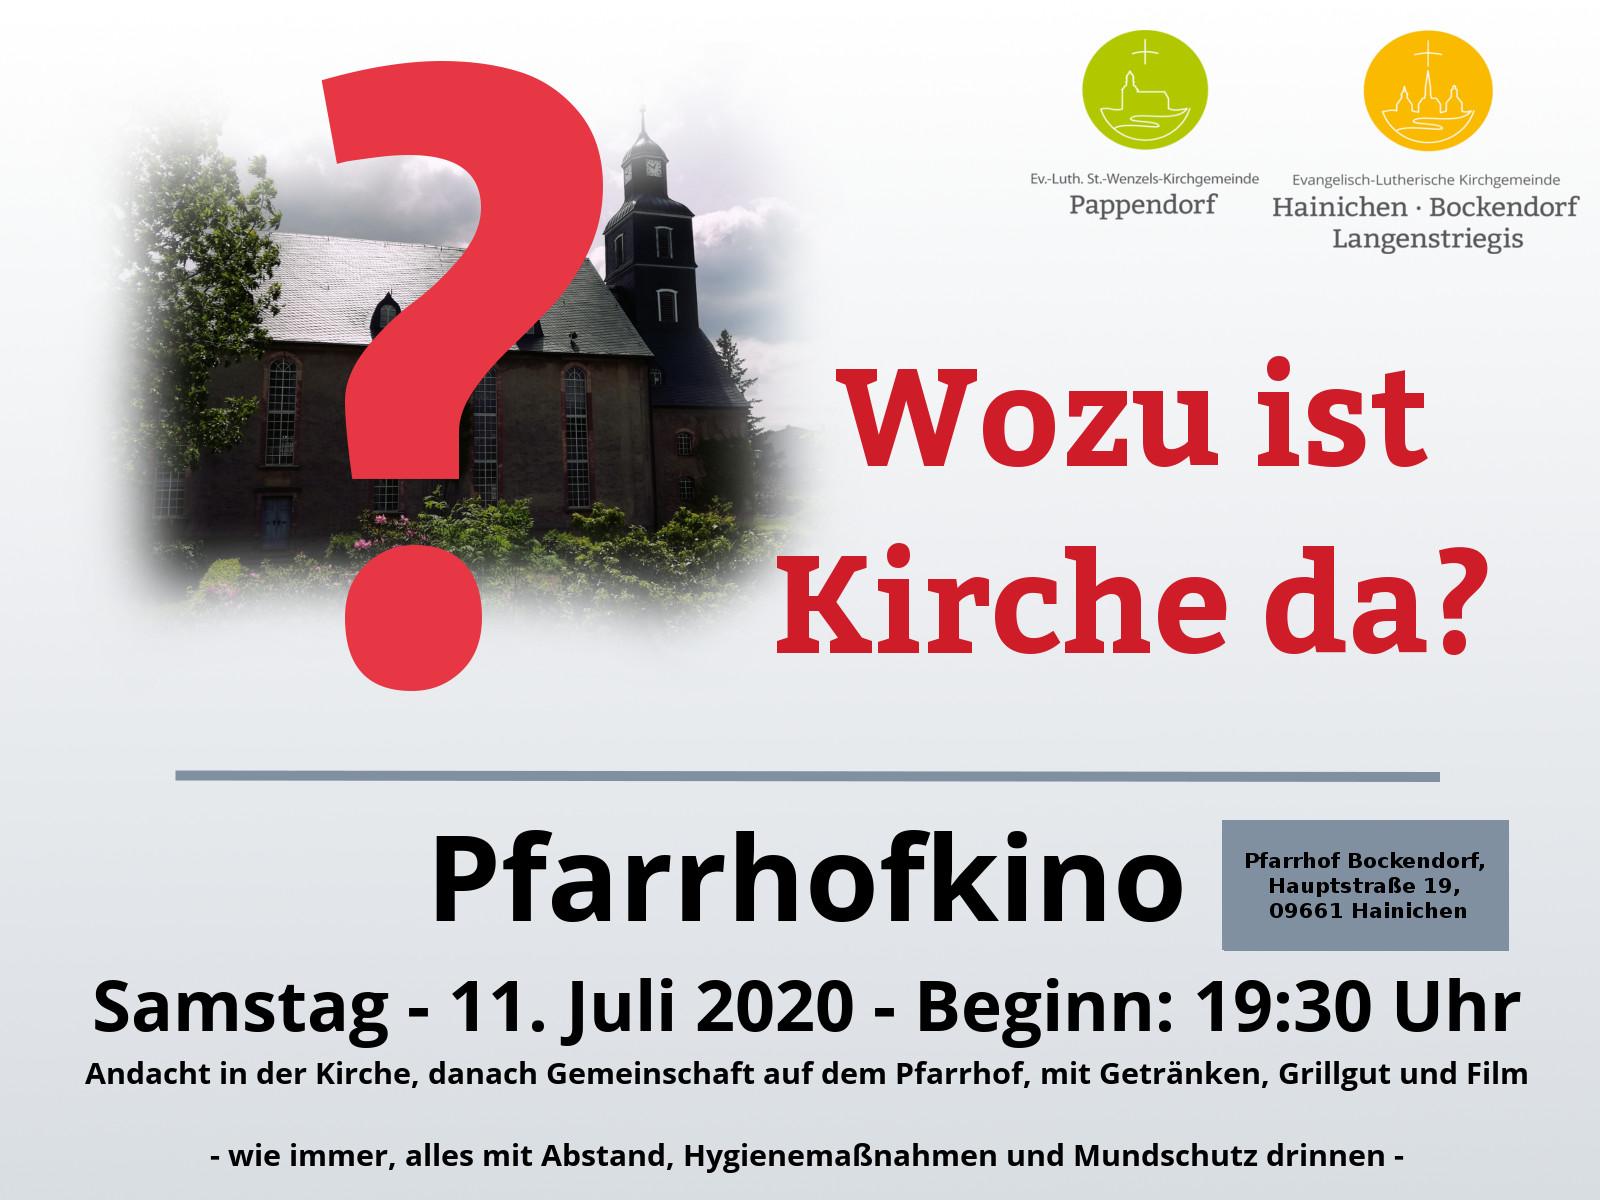 Wozu ist Kirche da? Pfarrhofkino in Bockendorf am Samstag, den 11. Juli ab 19:30 Uhr mit Andacht, Film und Grill